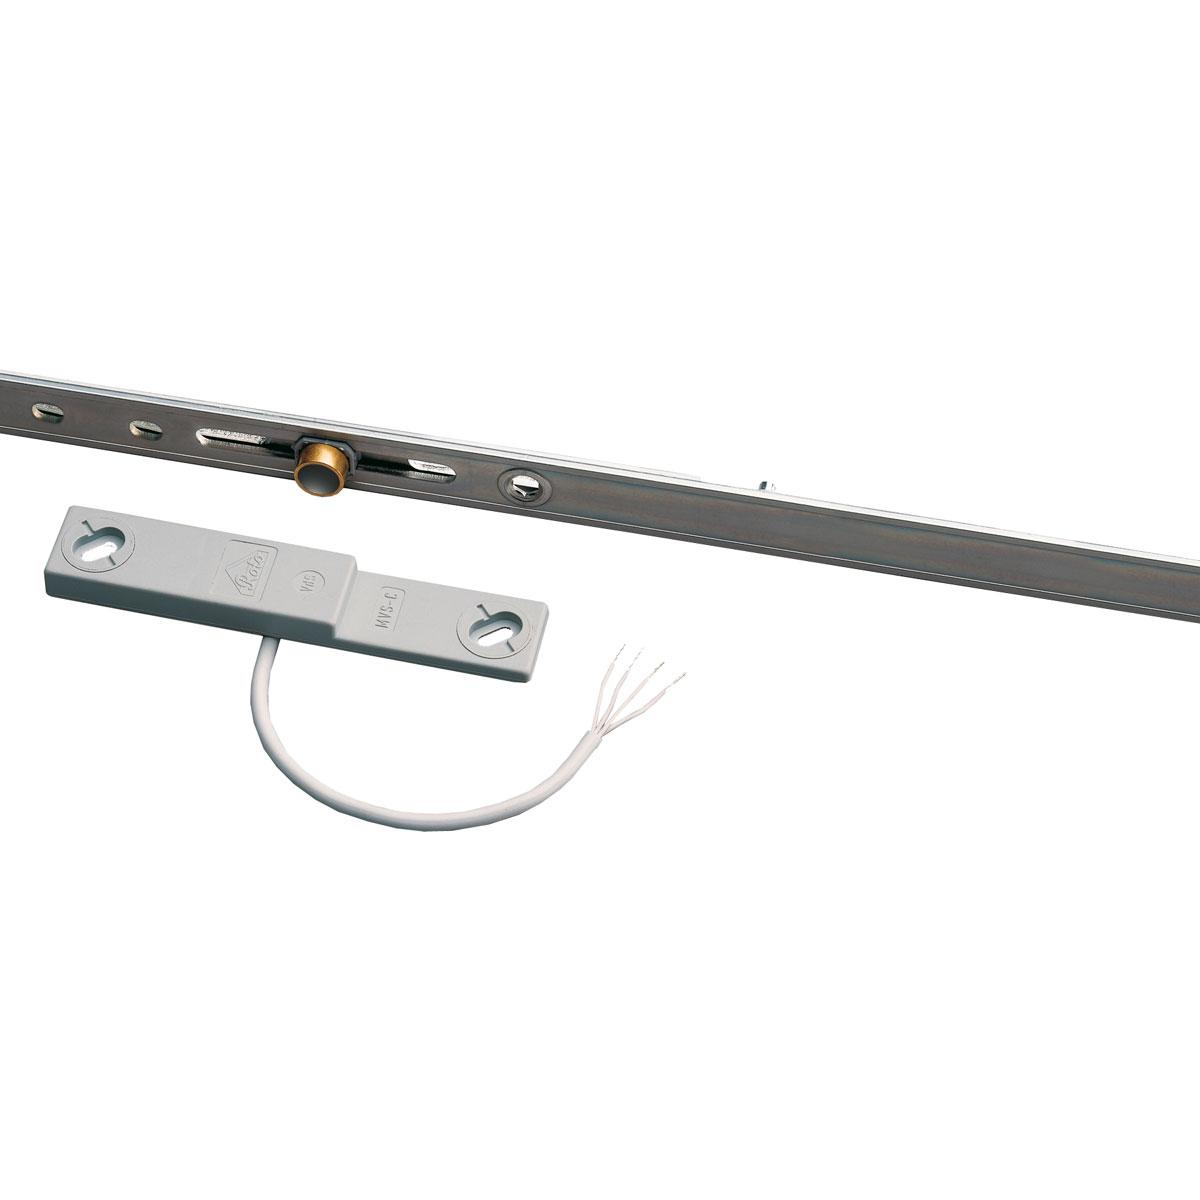 Gegen Einbruch schützen  Magnetkontakte mit reiner Öffnungsüberwachung: Roto E-Tec Control_MVS C 292114_002